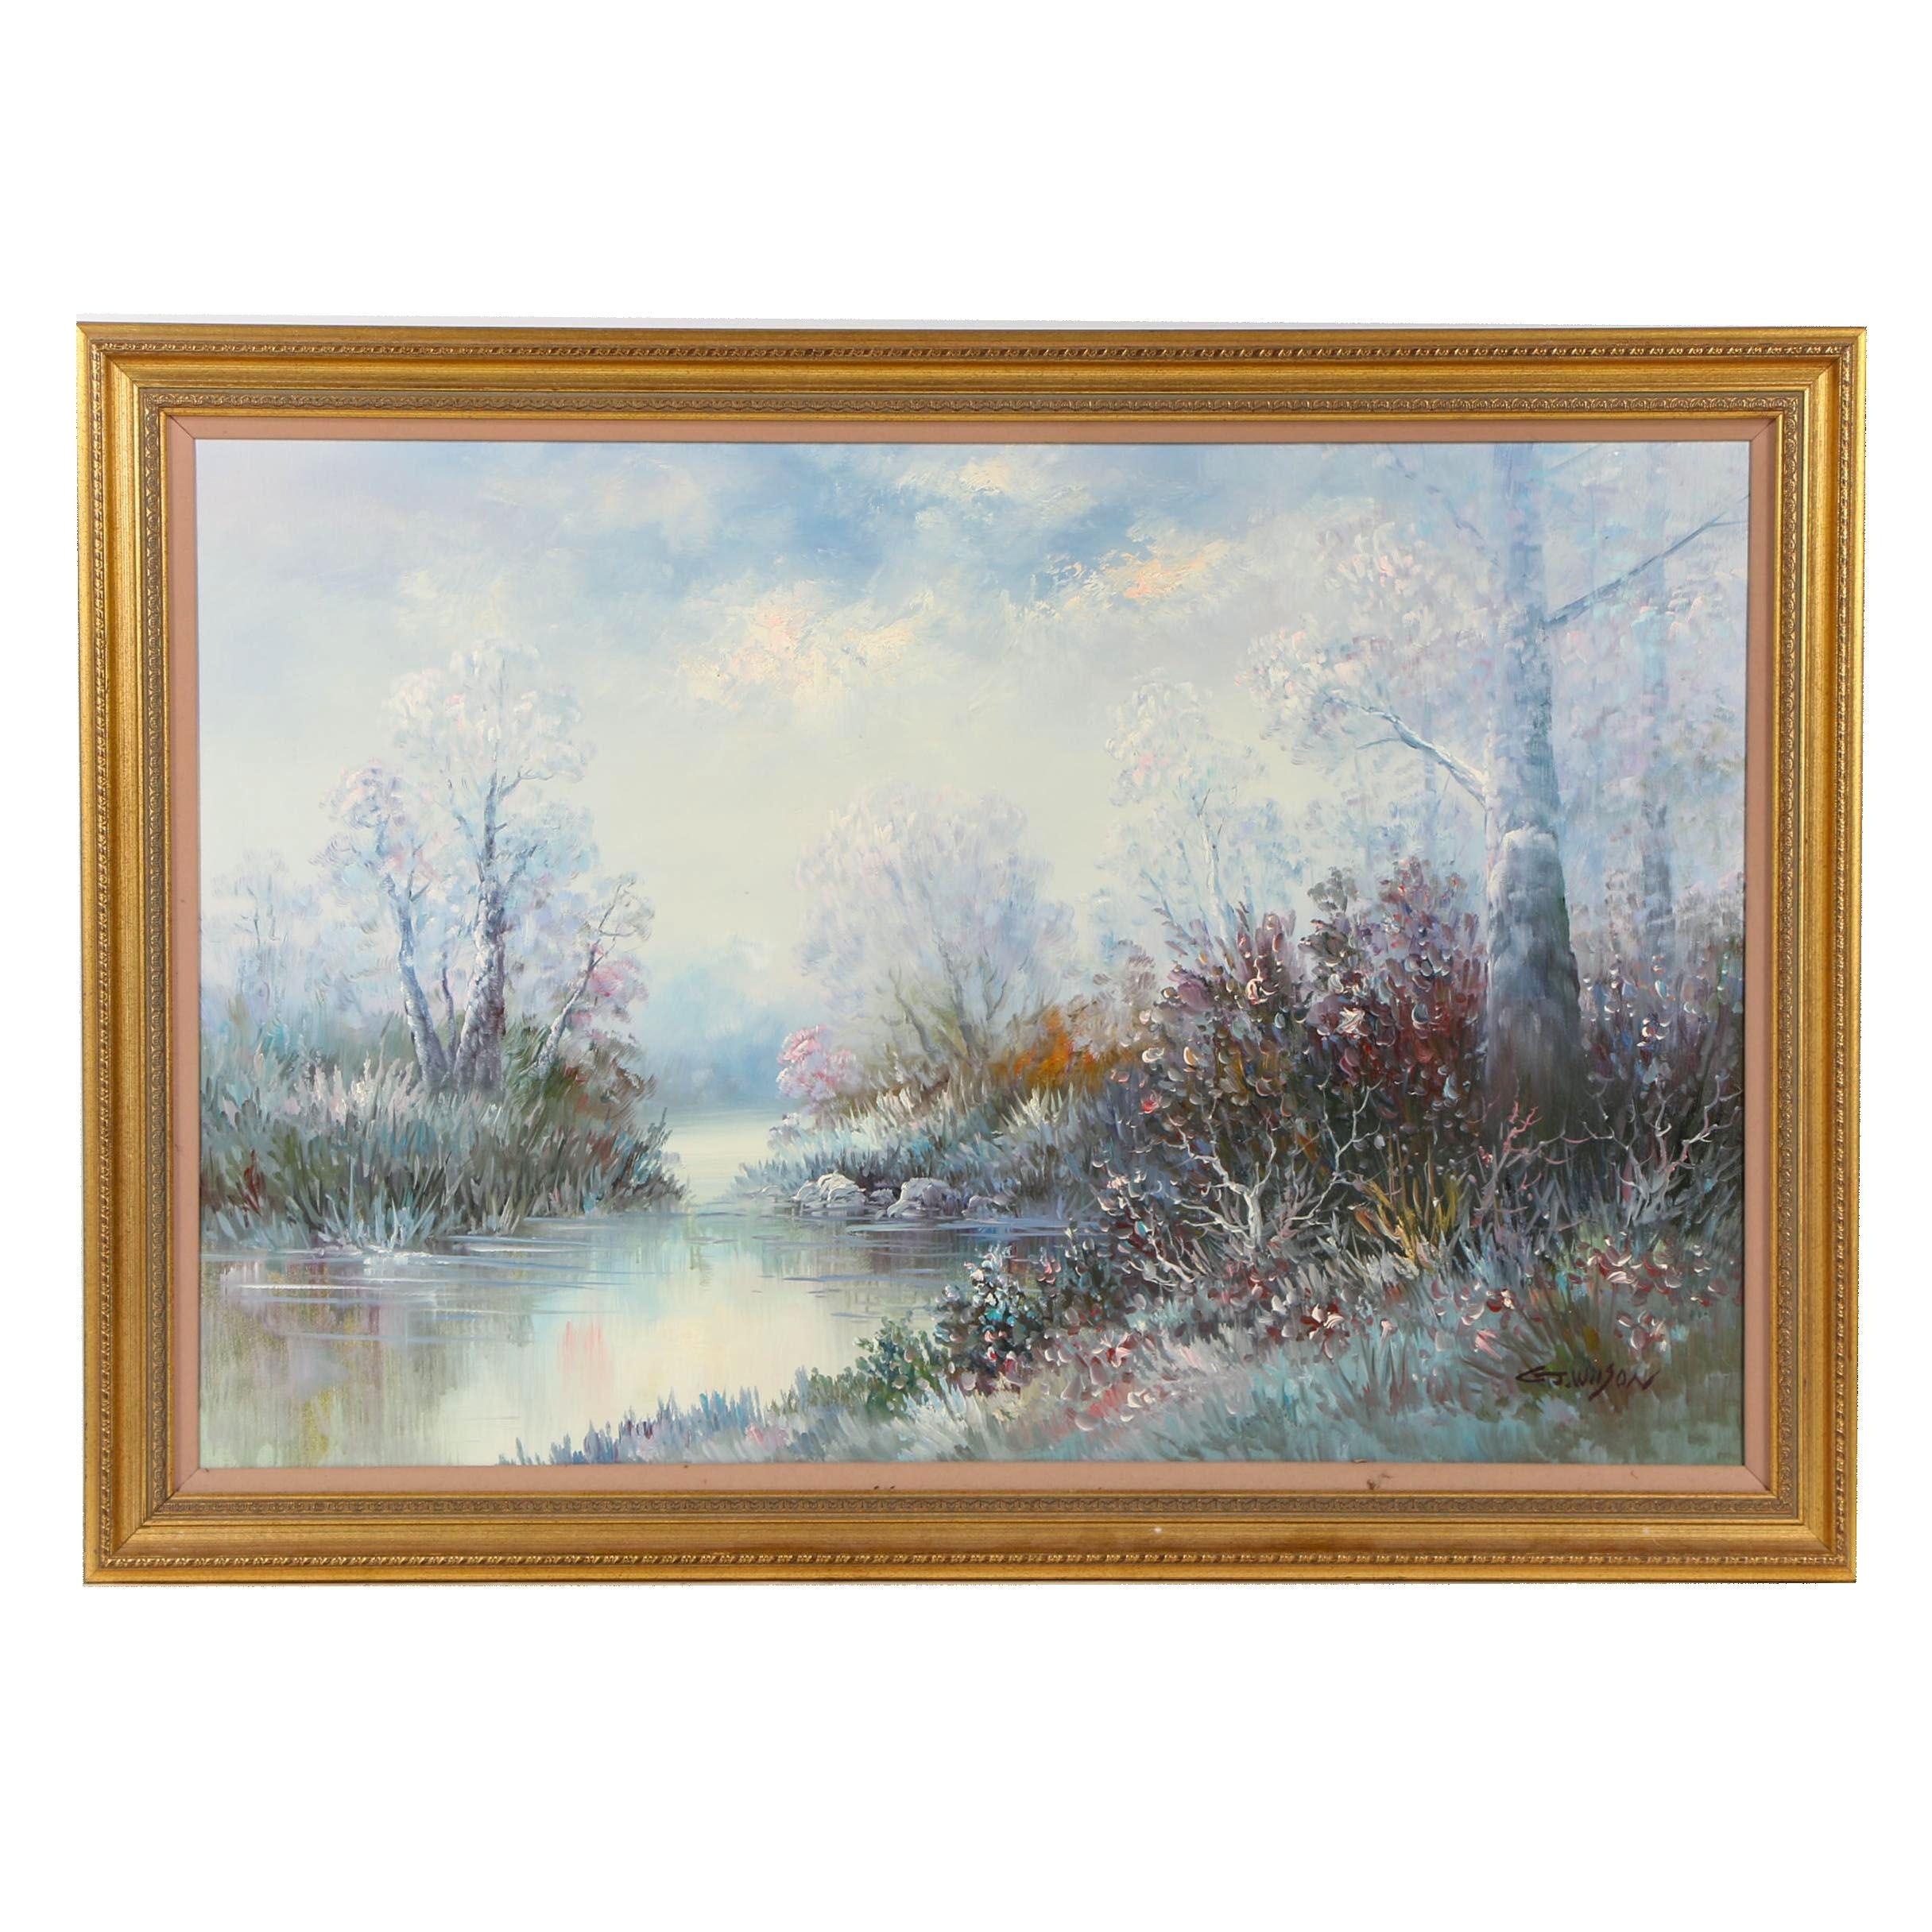 C. J. Wilson Landscape Oil Painting